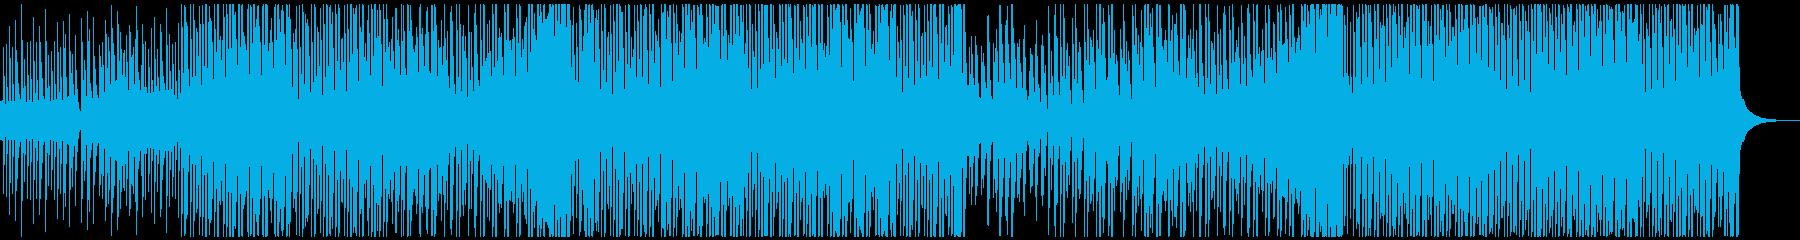 ハッピーデイの再生済みの波形